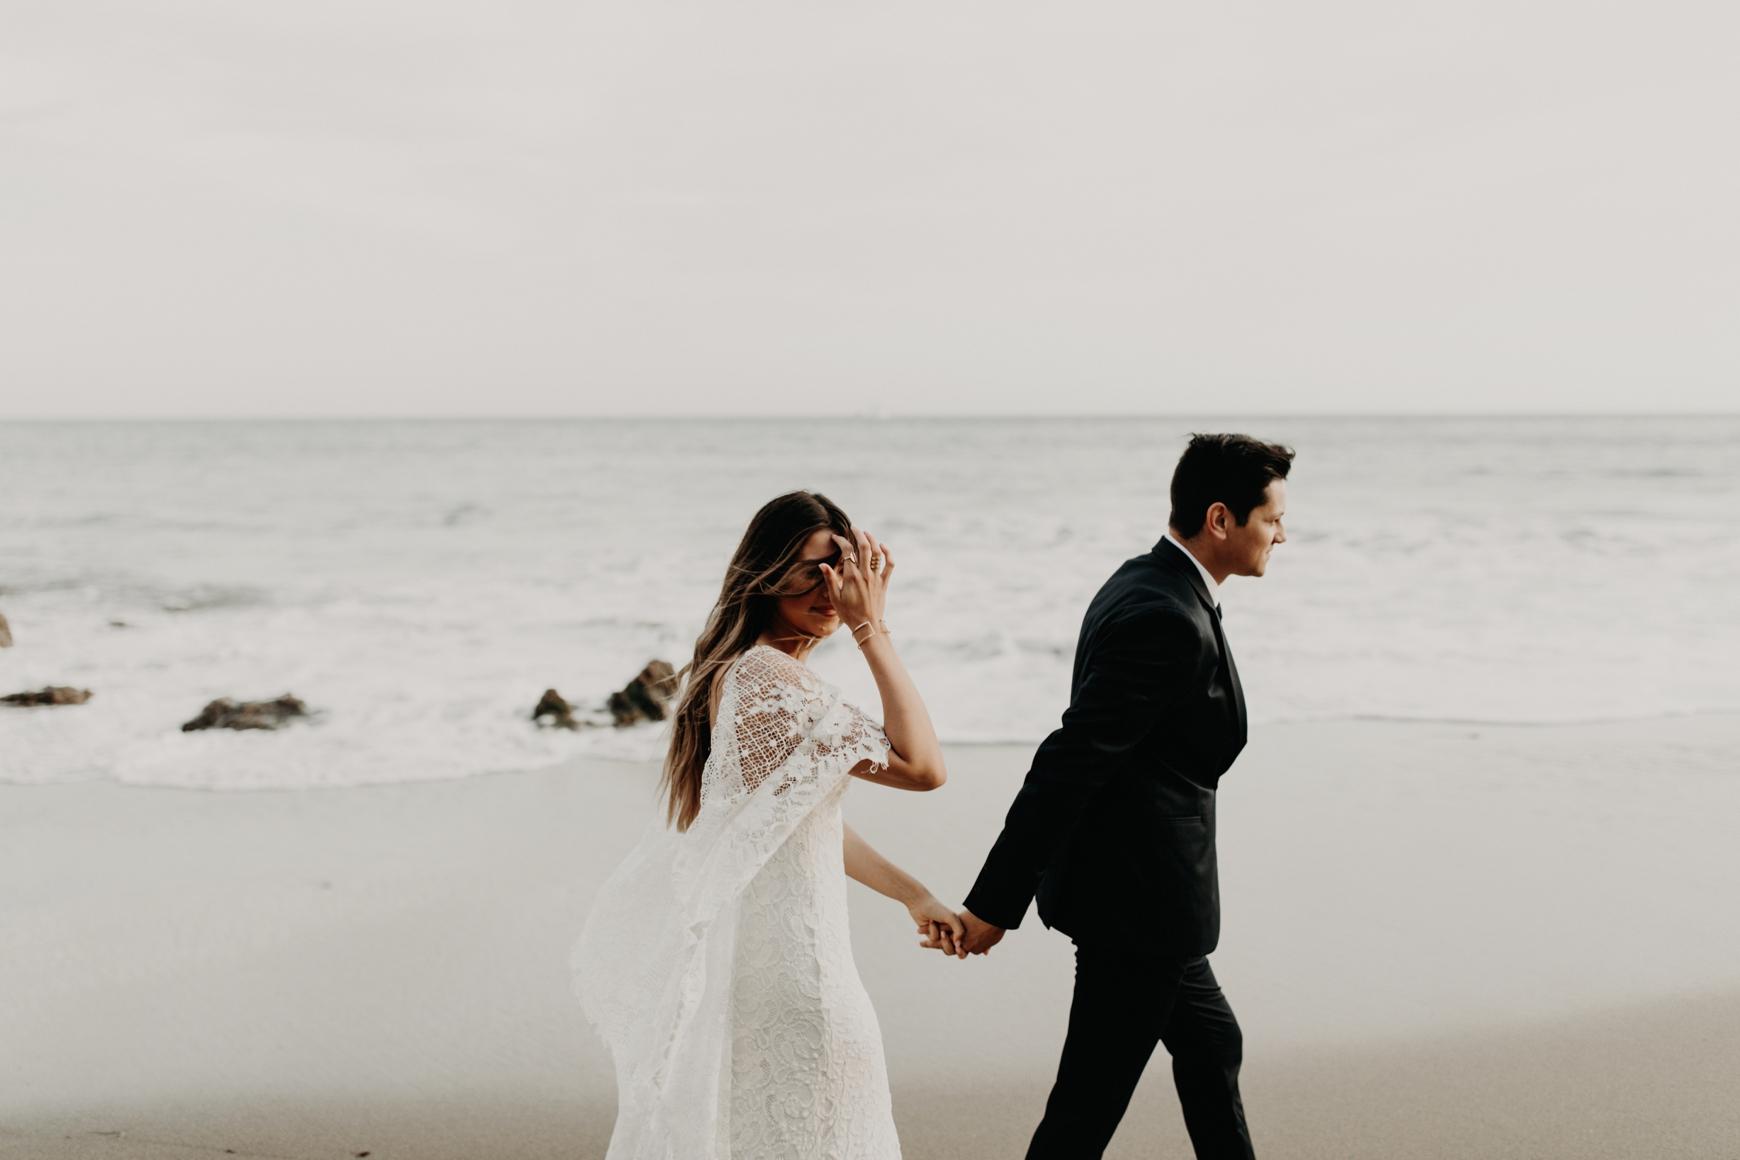 El Matador Beach Bridal Portraits Justellen & TJ Emily Magers Photography-246Emily Magers Photography.jpg